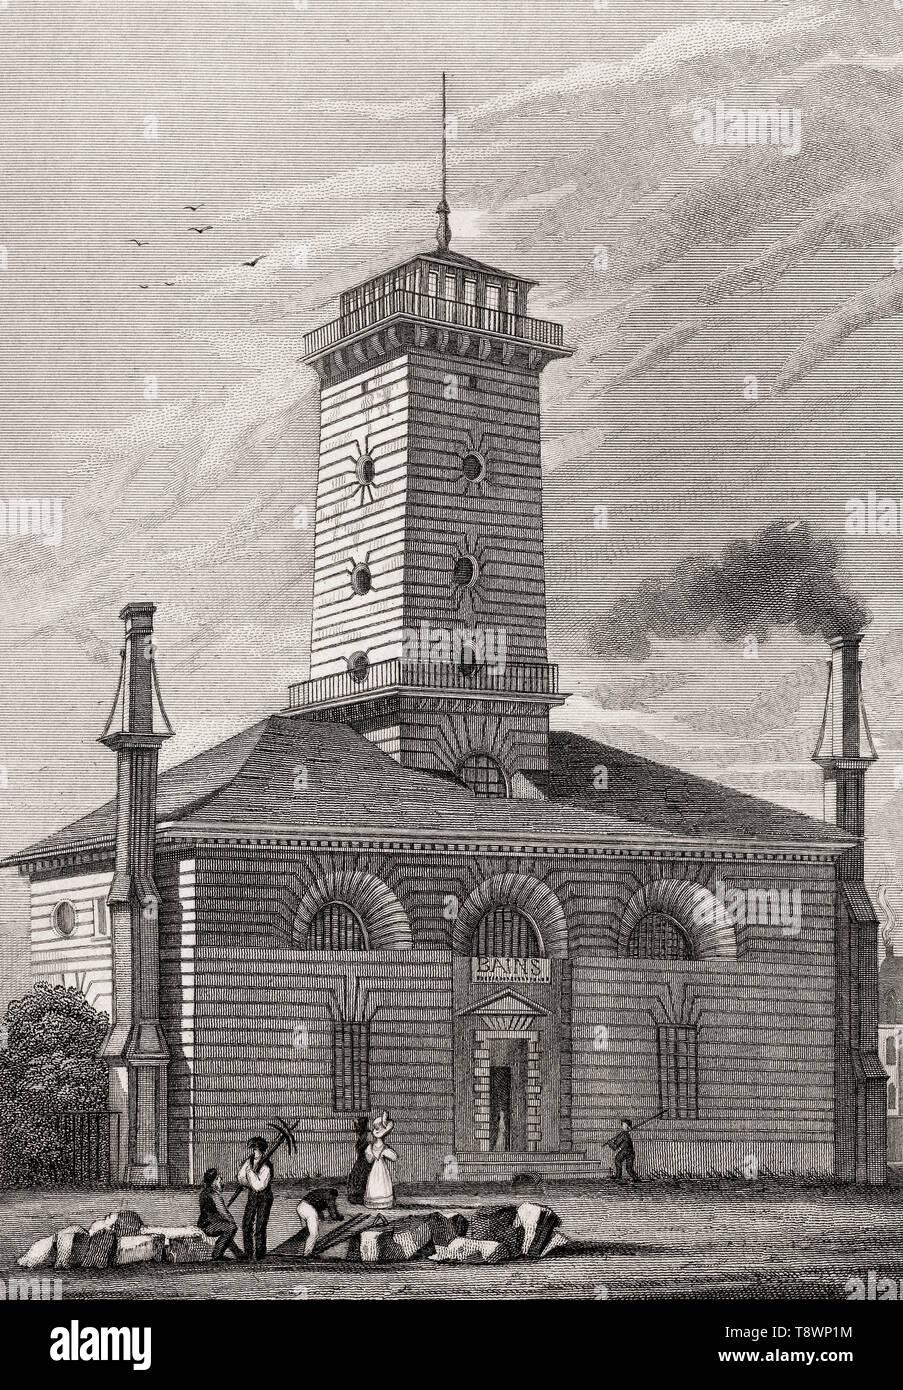 La pompe à feu du Gros-Caillou, Paris, antique steel engraved print, 1831 Stock Photo